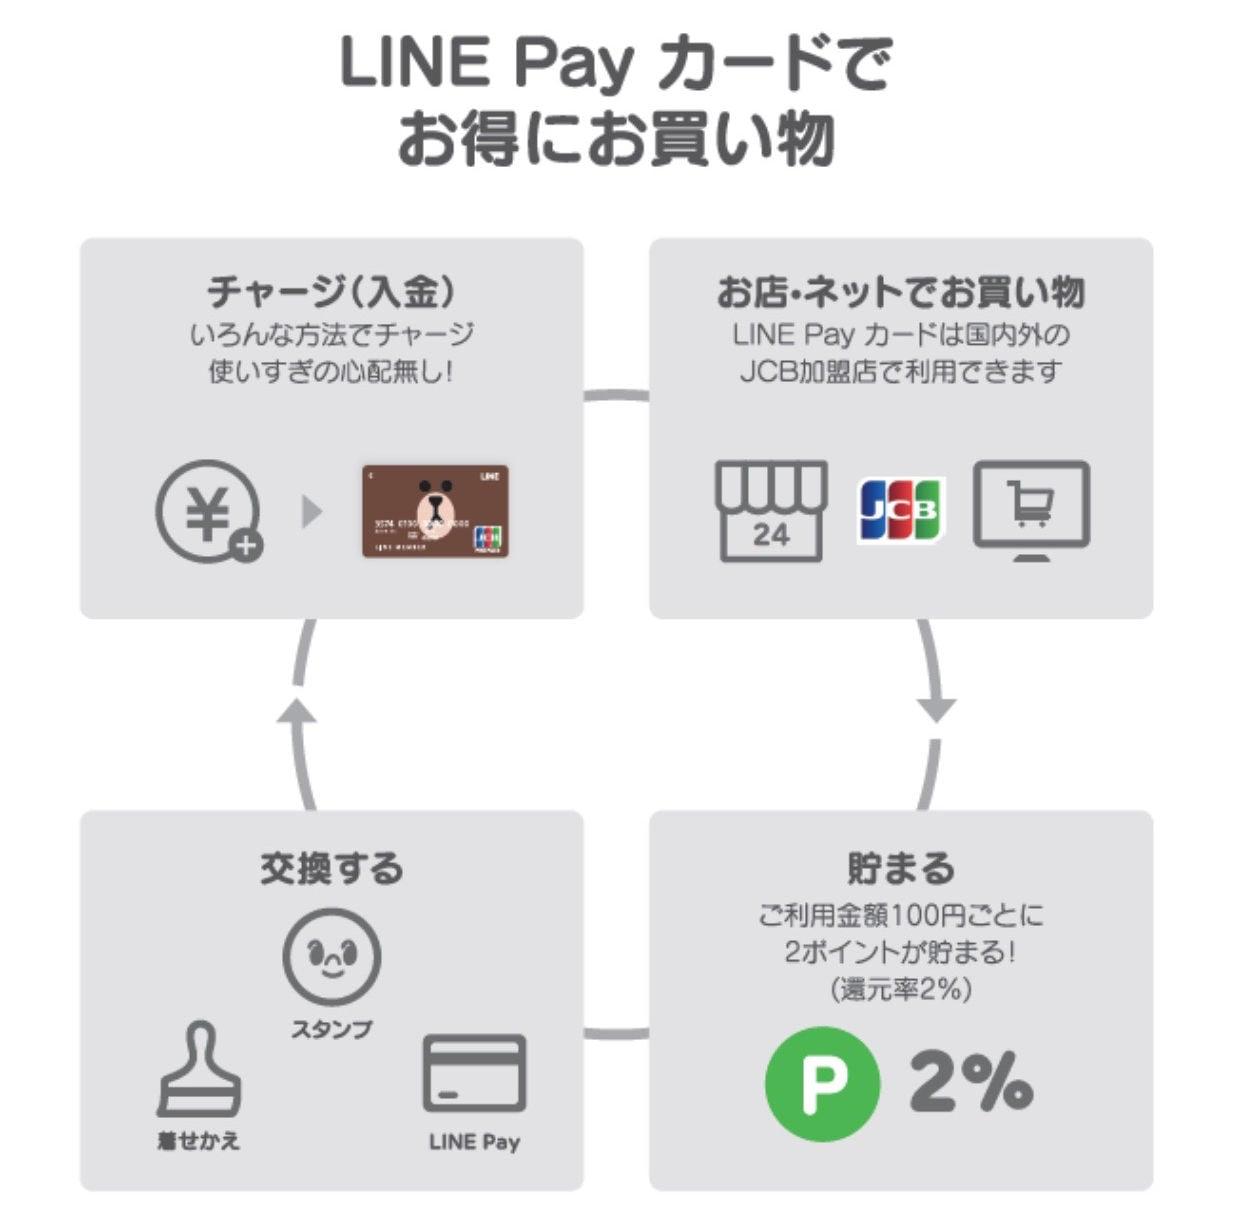 LINE Pay Tamesu 02